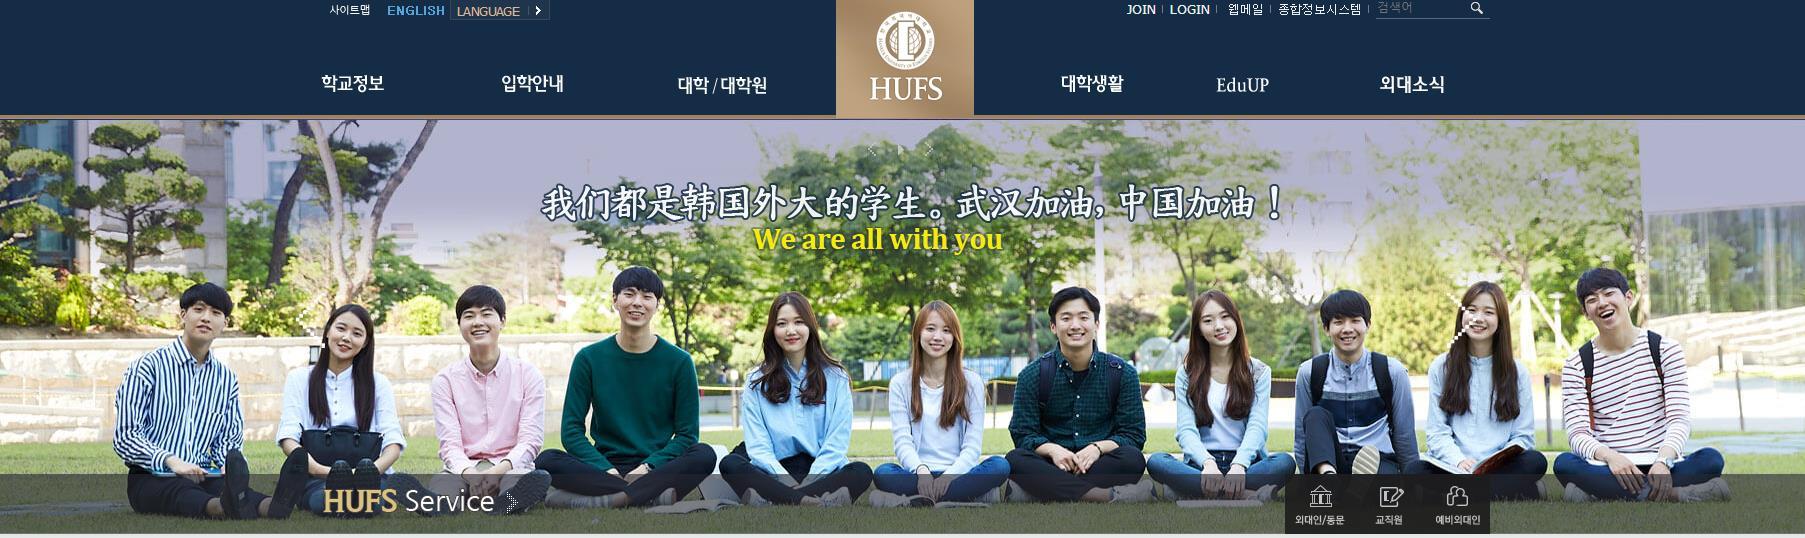 韩国大学官网打出中文标语:武汉加油 中国加油